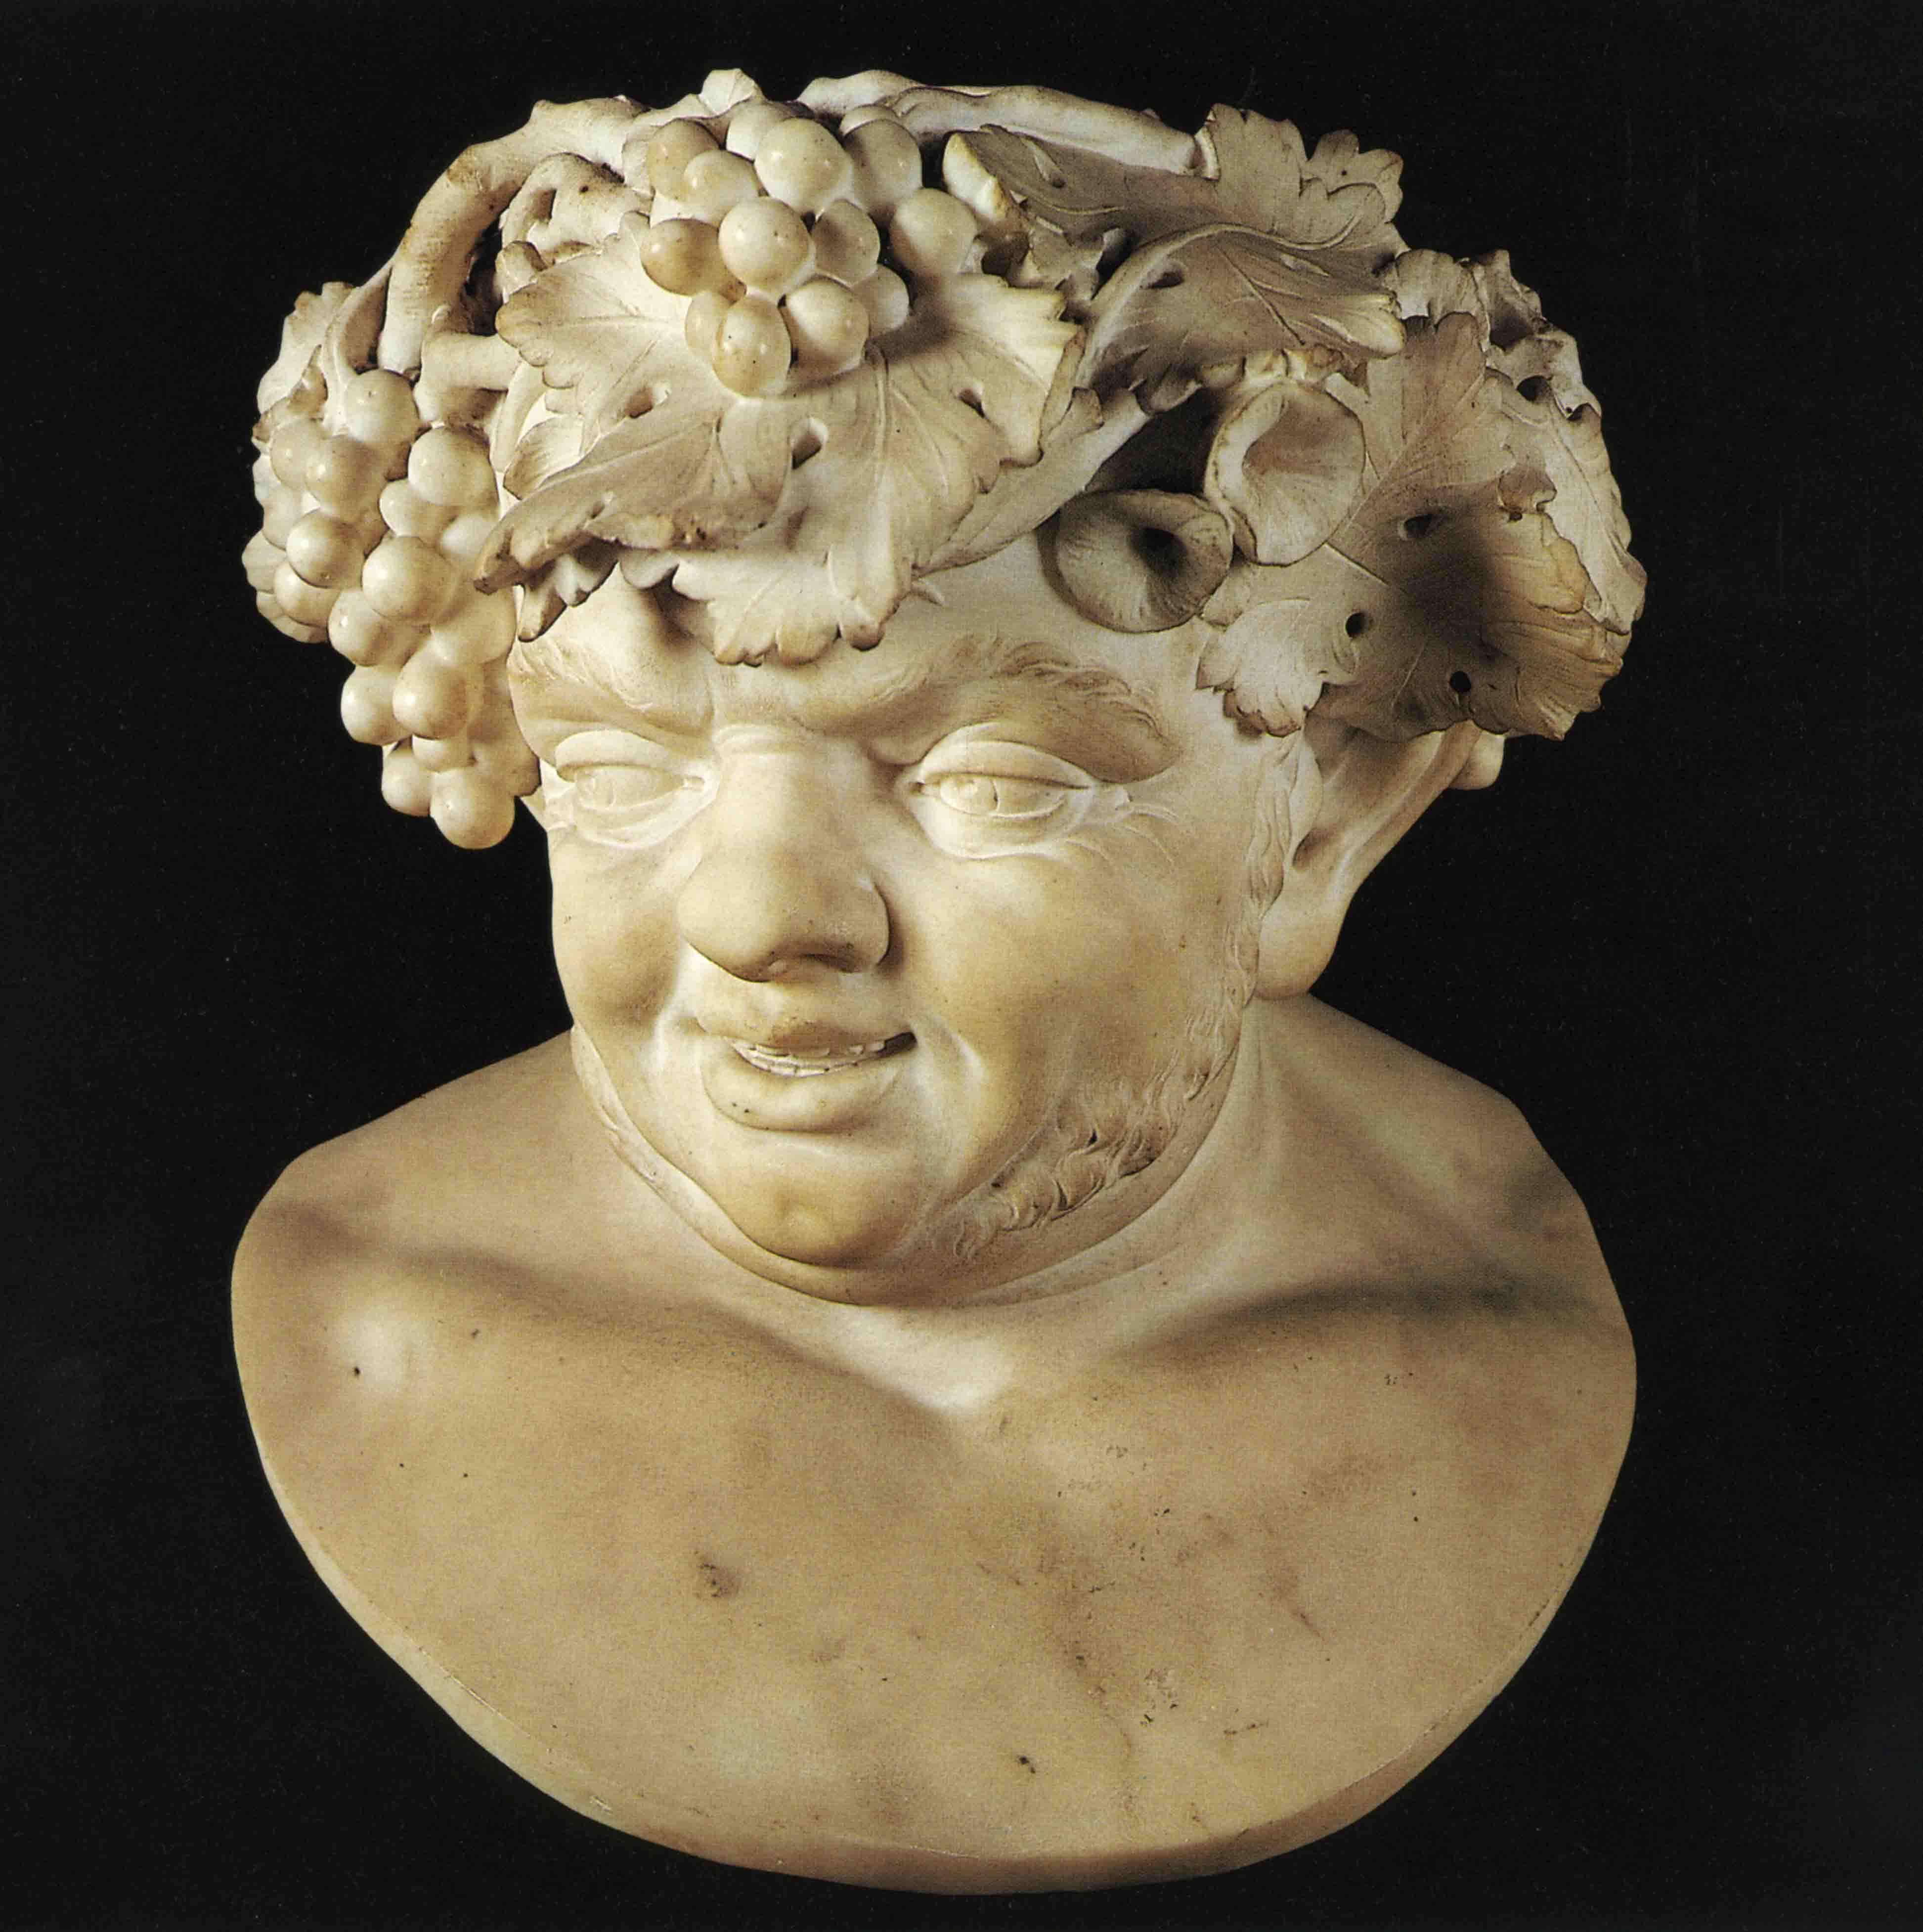 """01. JEAN BAPTISTE BOUDARD (1710-1768), Sileno, marmo di Carrara, 1766 ca. (Parma, Istituto d'Arte """"P. Toschi"""")."""